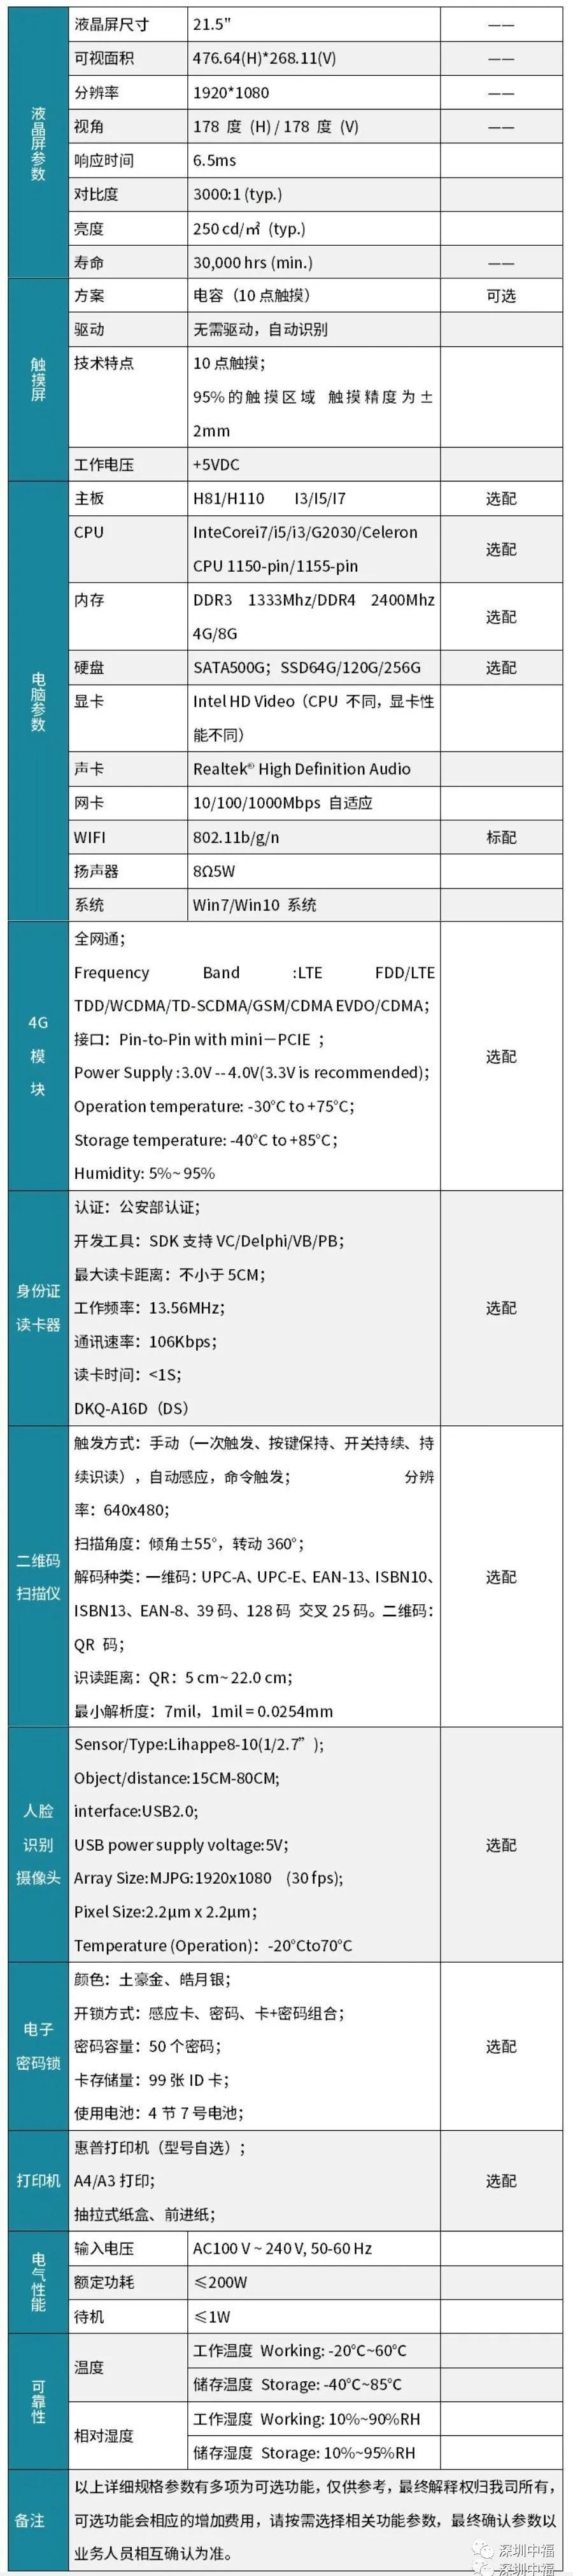 中福信息营业执照自助打印机:刷脸领证,工商办事真便捷